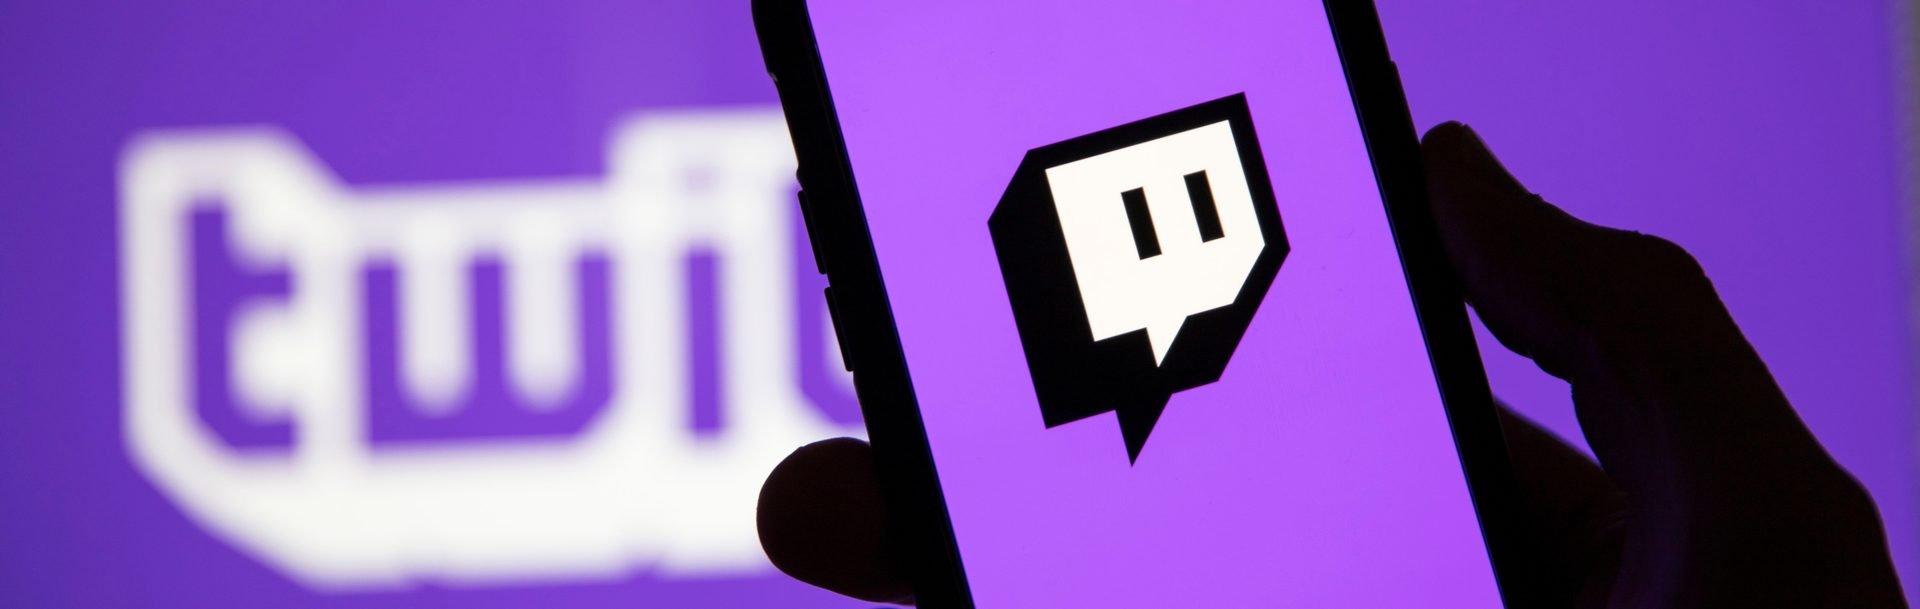 Twitch-Live-Stream